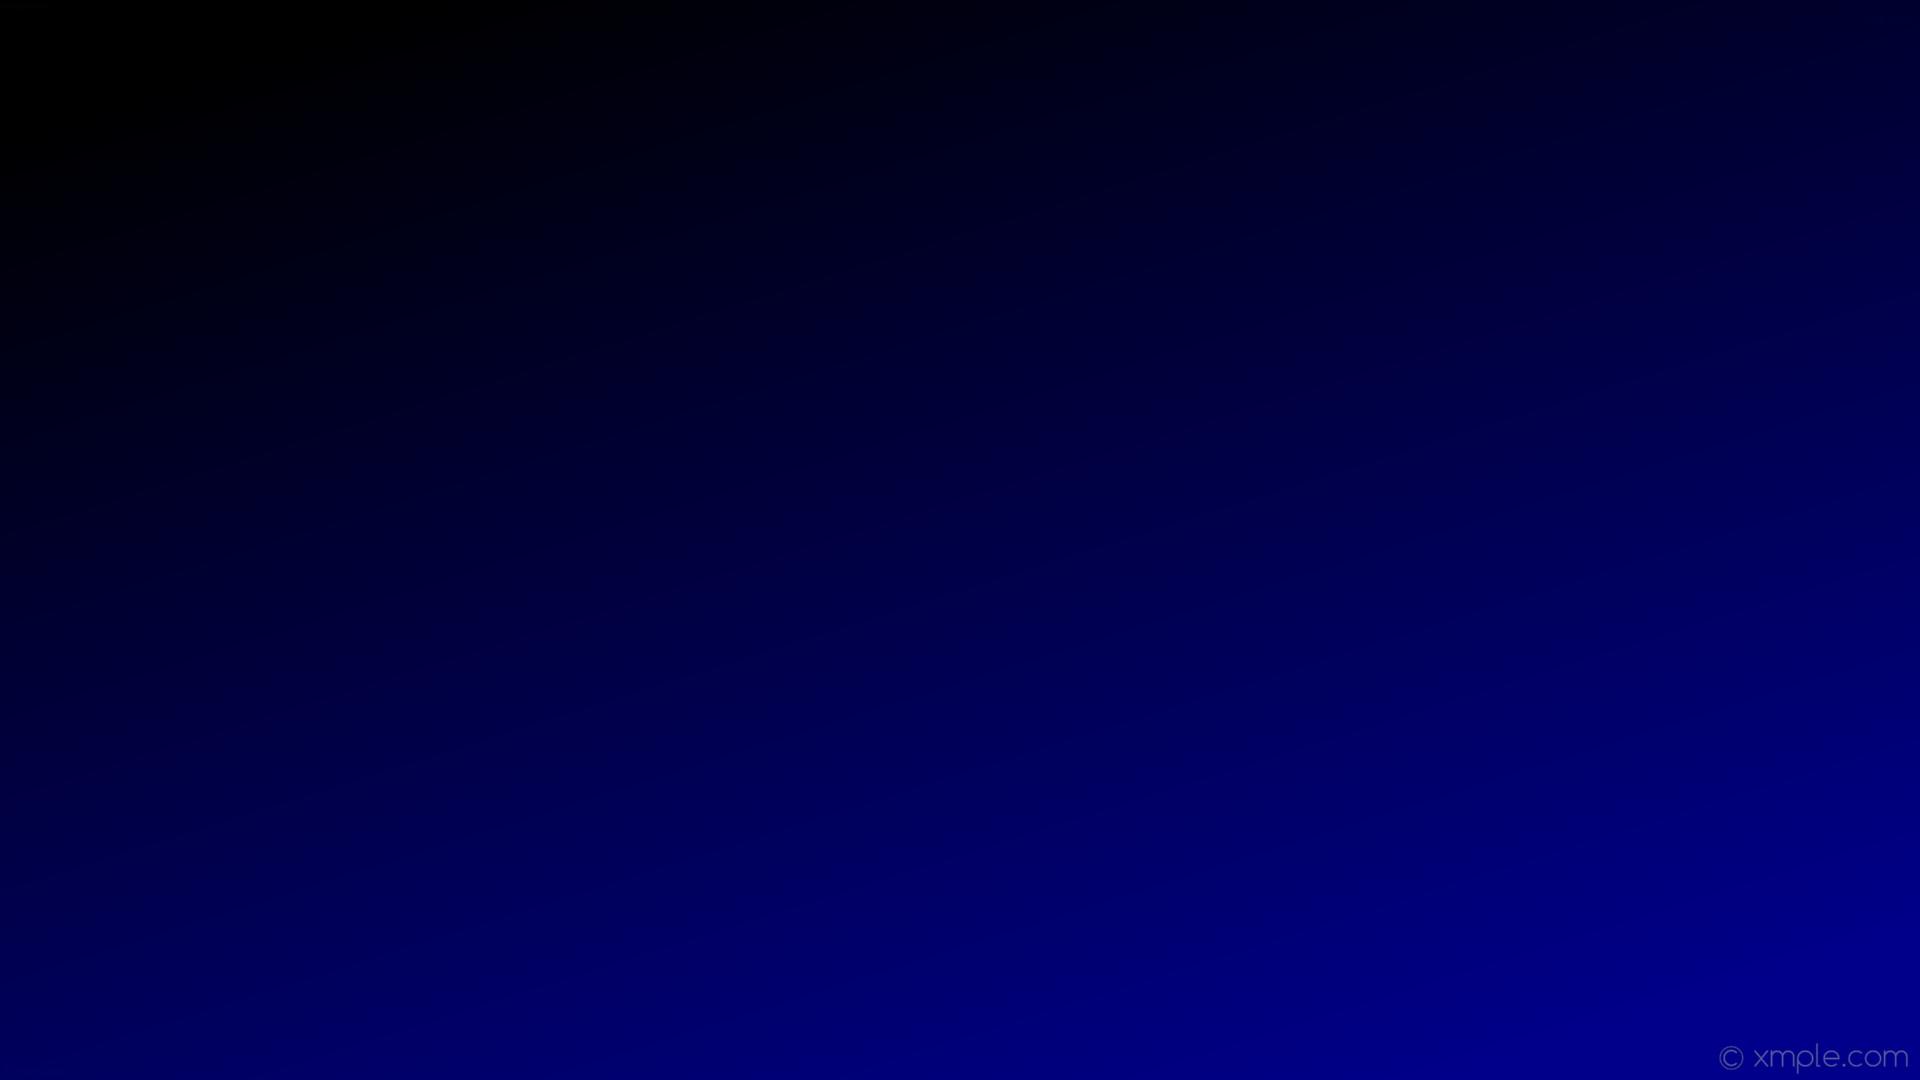 Blue HD Wallpapers 1080p – WallpaperSafari